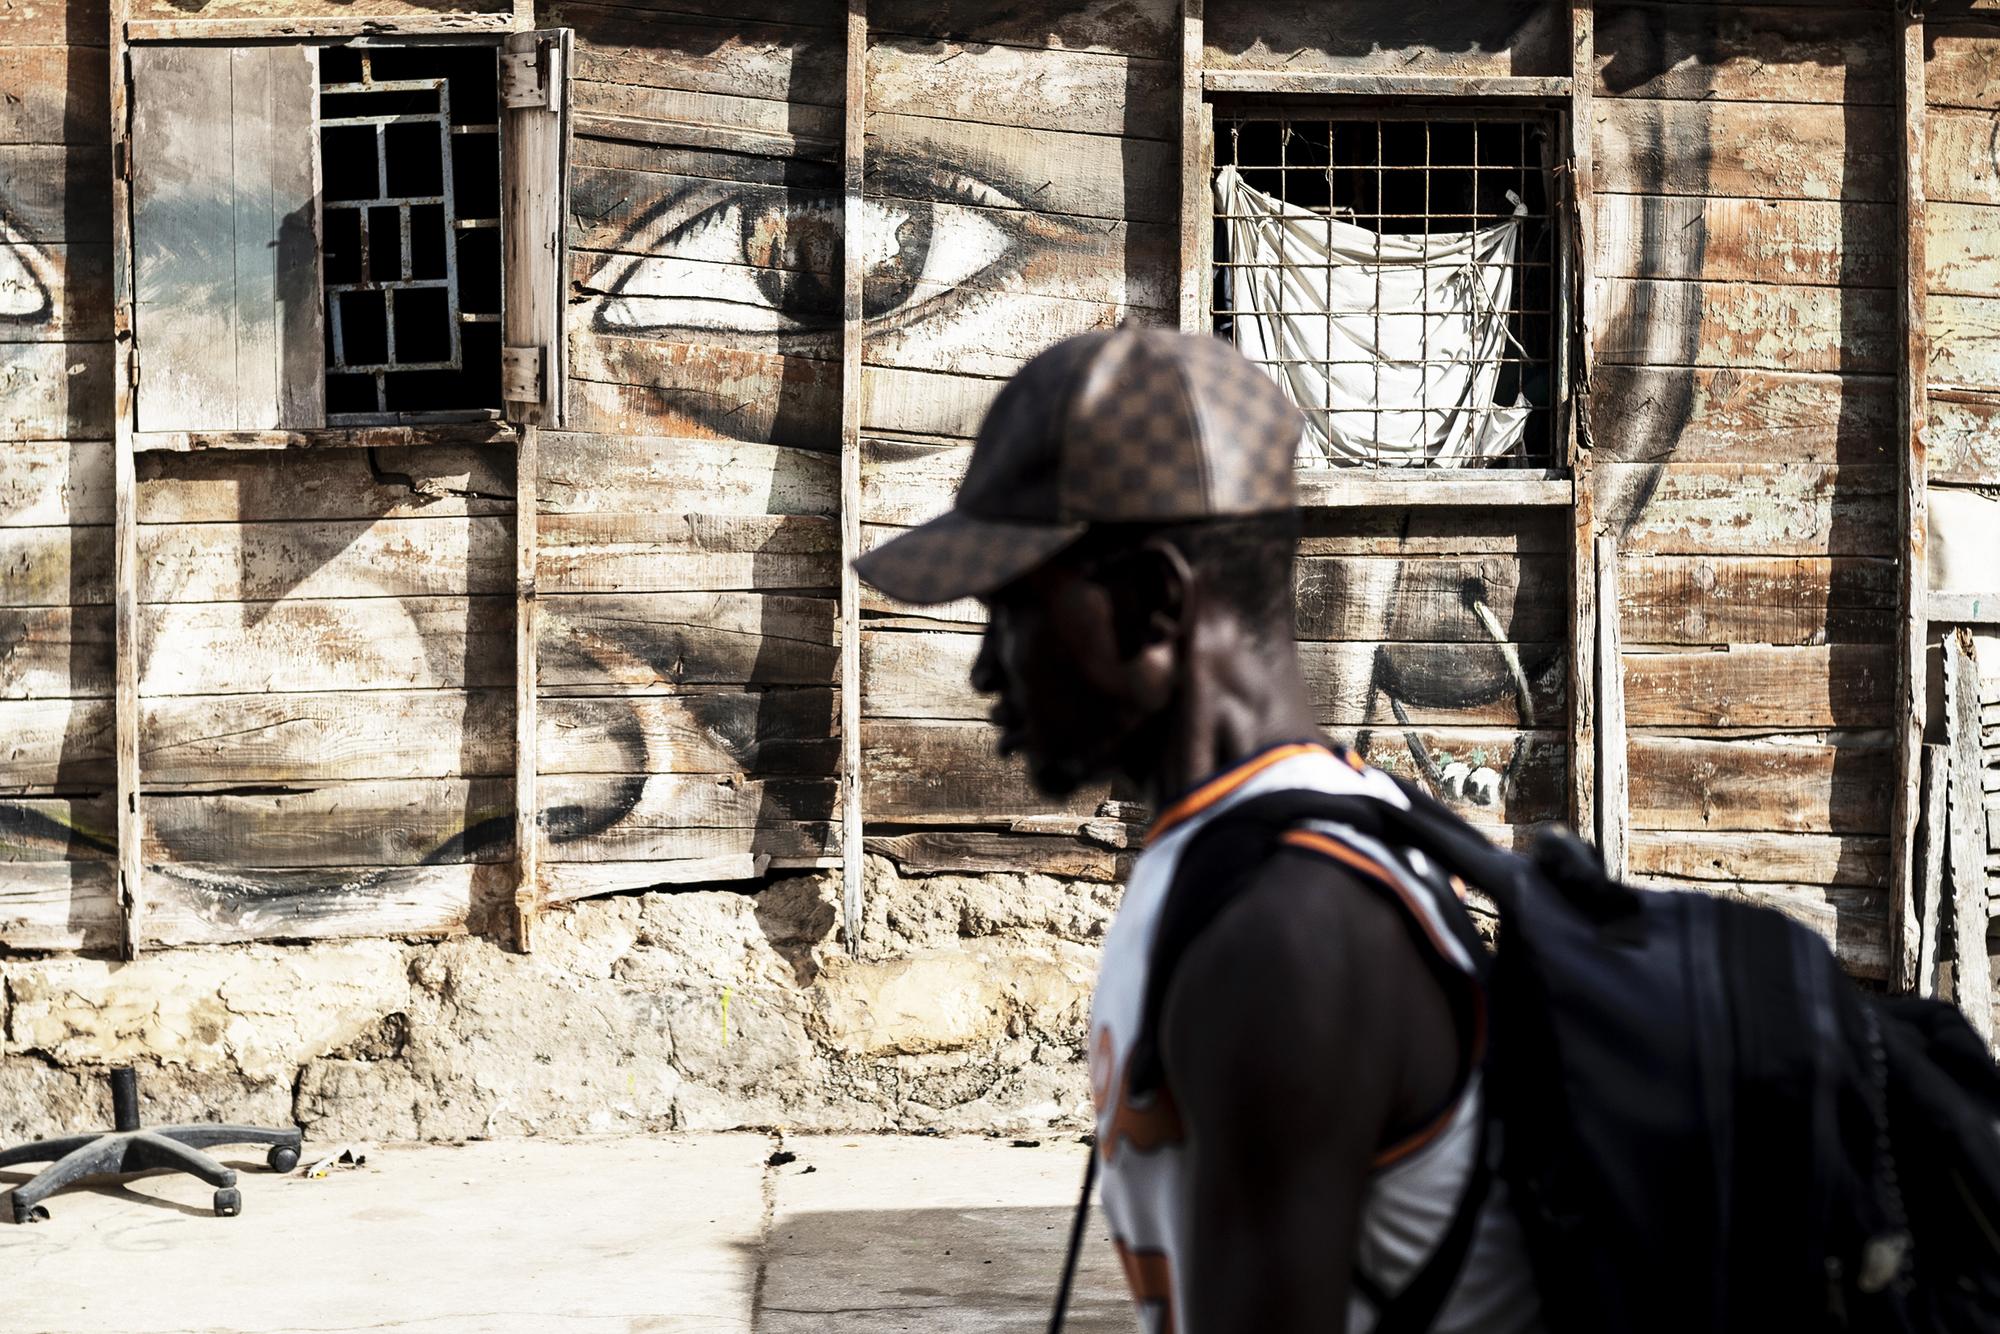 Des visites guidées font découvrir les Suvres de street art, comme ce visage réalisé par Sabotaje Al Montaje.